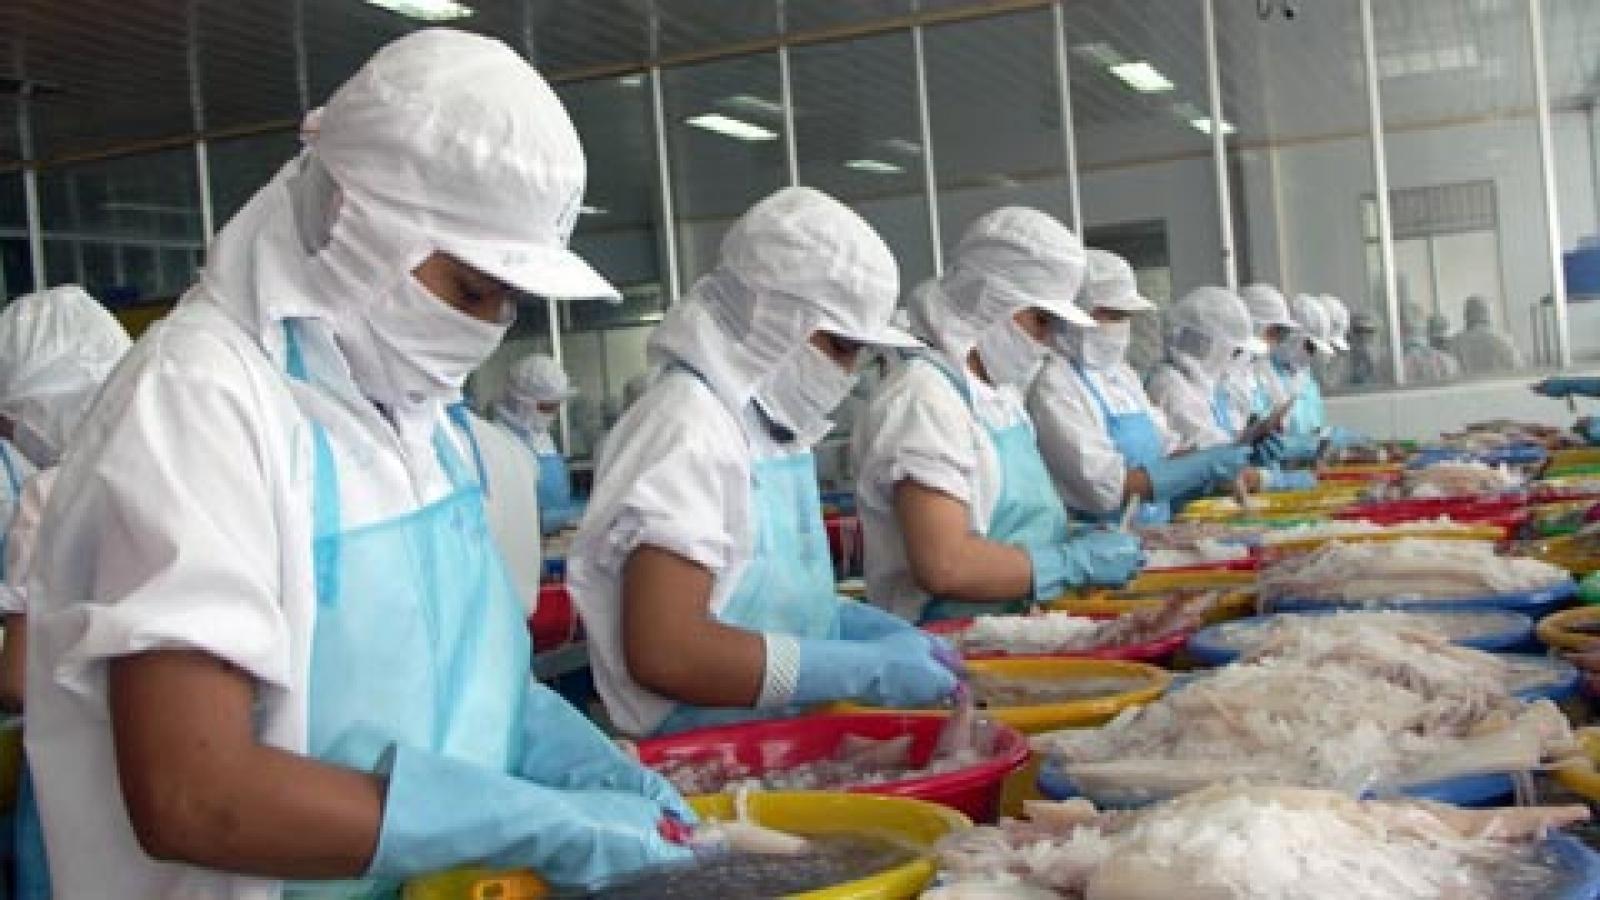 EVFTA adds fresh impetus to seafood exports to EU market